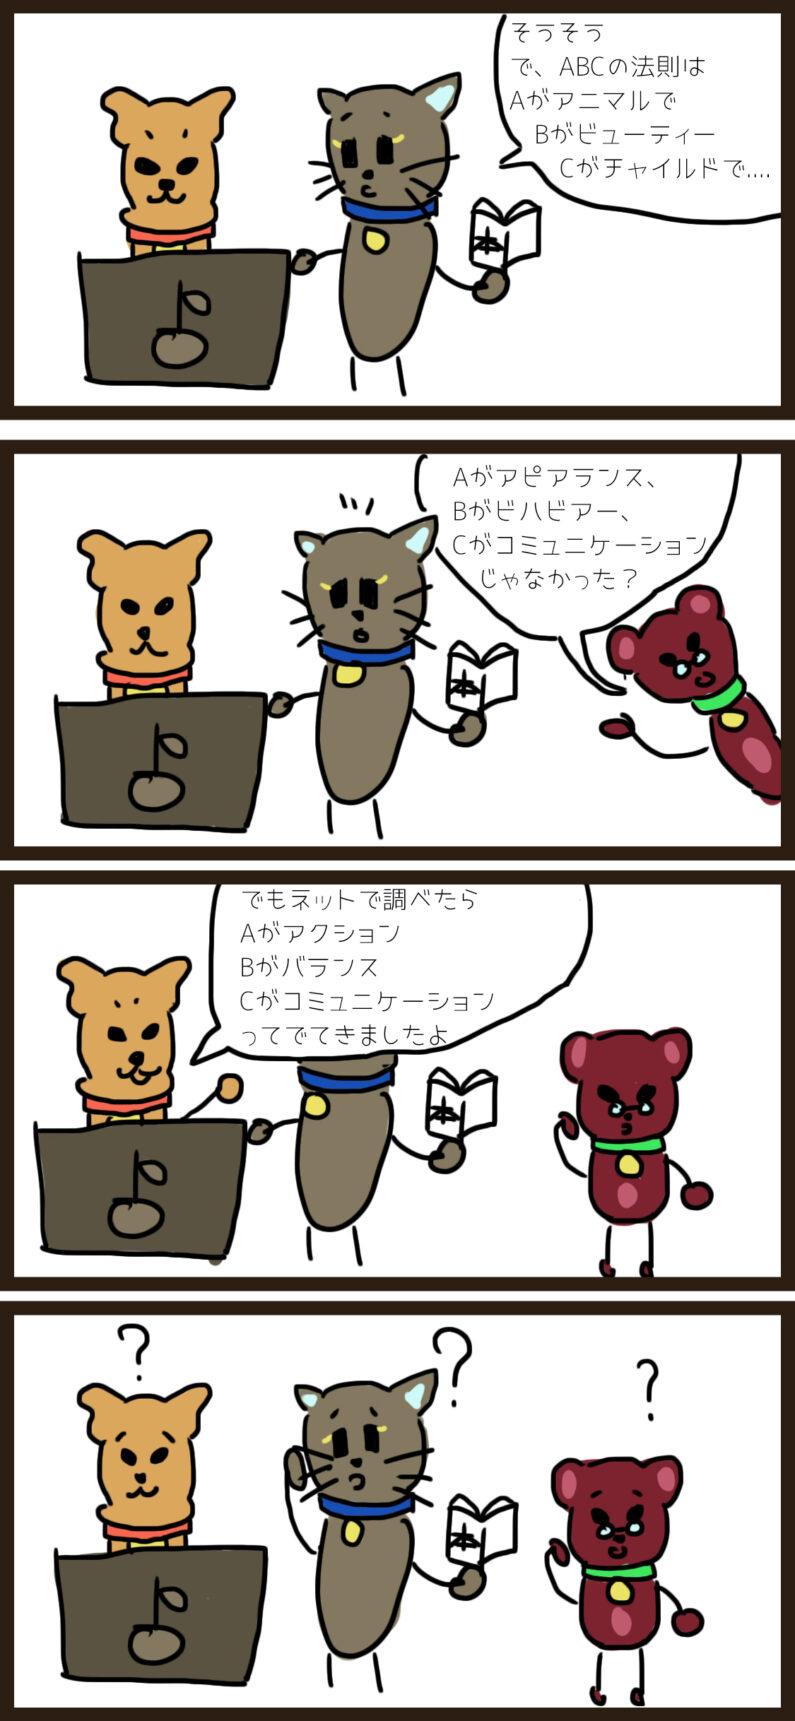 ABCの法則